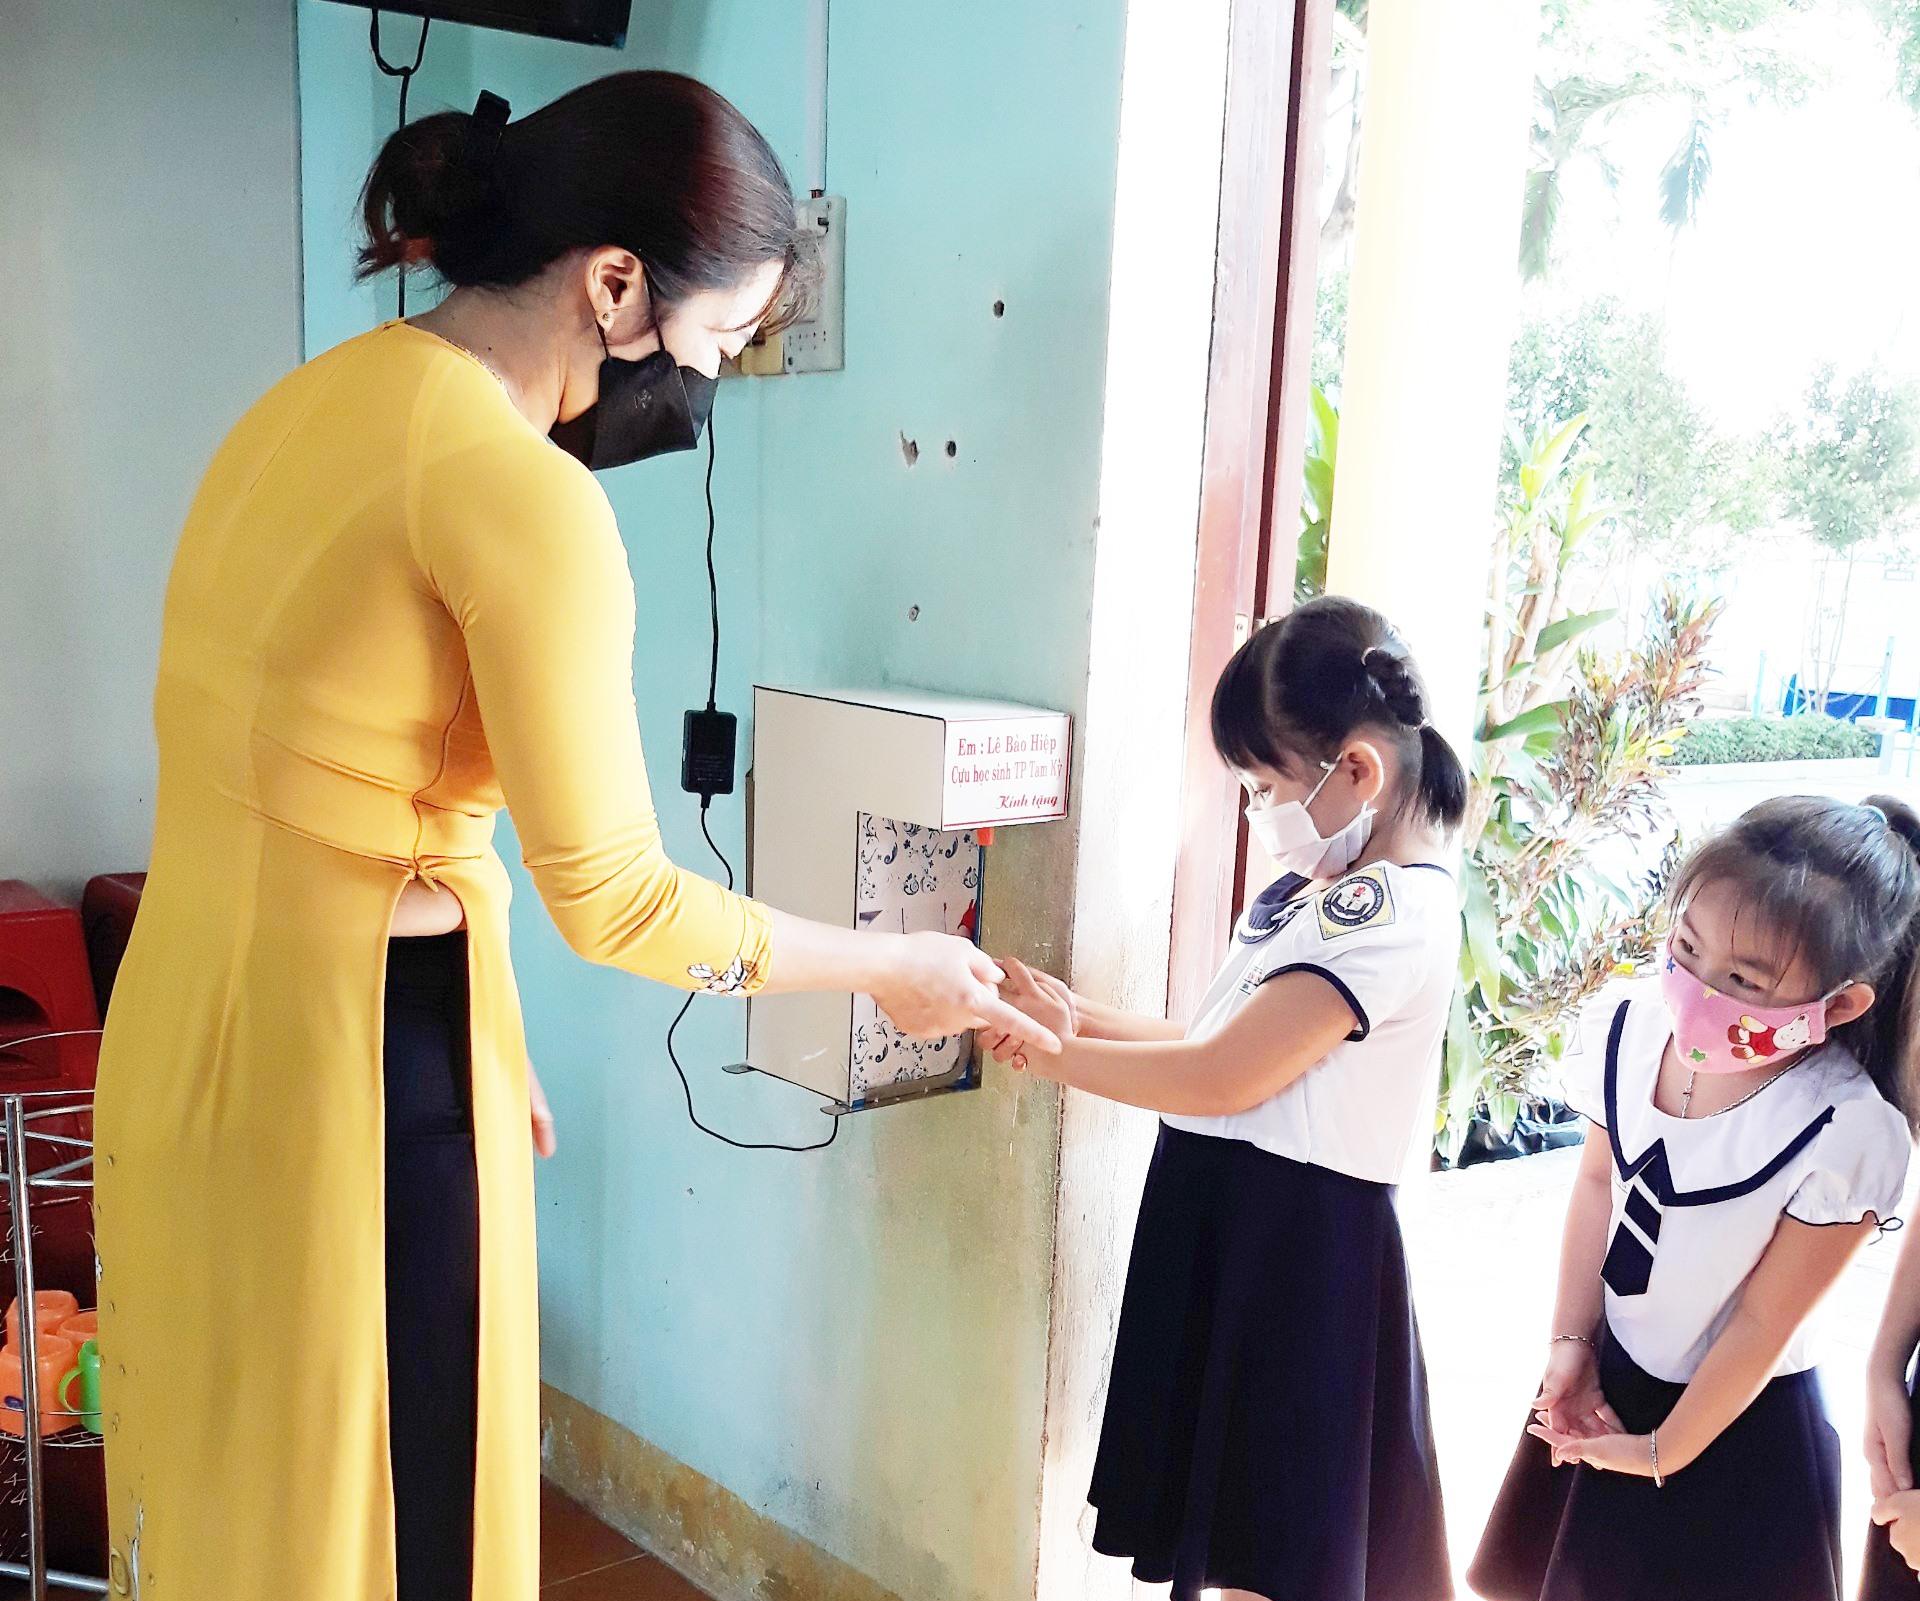 Học sinh lớp 1 Trường Tiểu học Nguyễn Thị Minh Khai (Tam Kỳ) sử dụng máy rửa tay cảm ứng do Lê Bảo Hiệp tặng. Ảnh: G.V